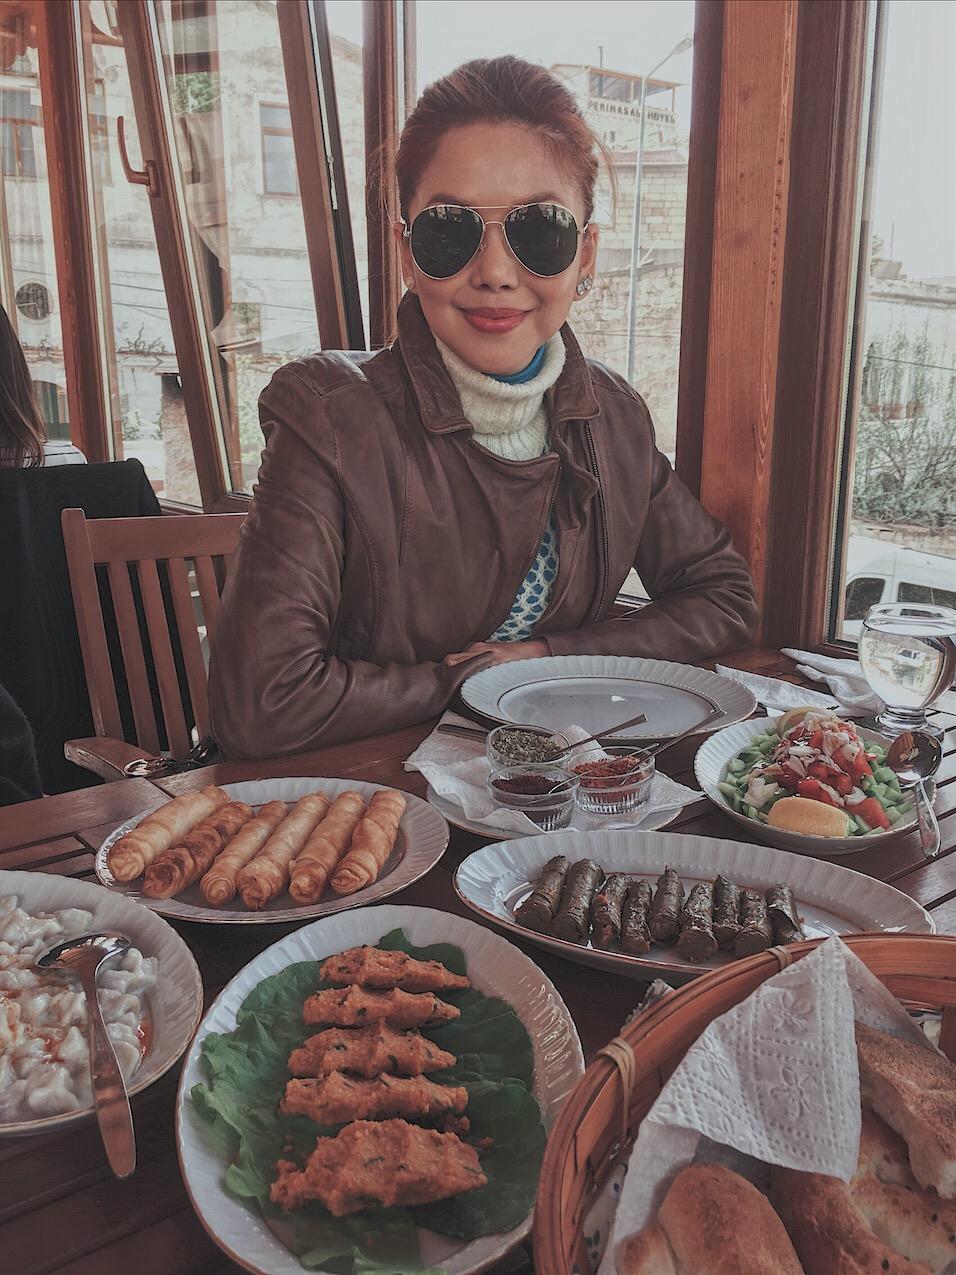 Bianca Valerio hanimeli mustafapasa Cappadocia turkey